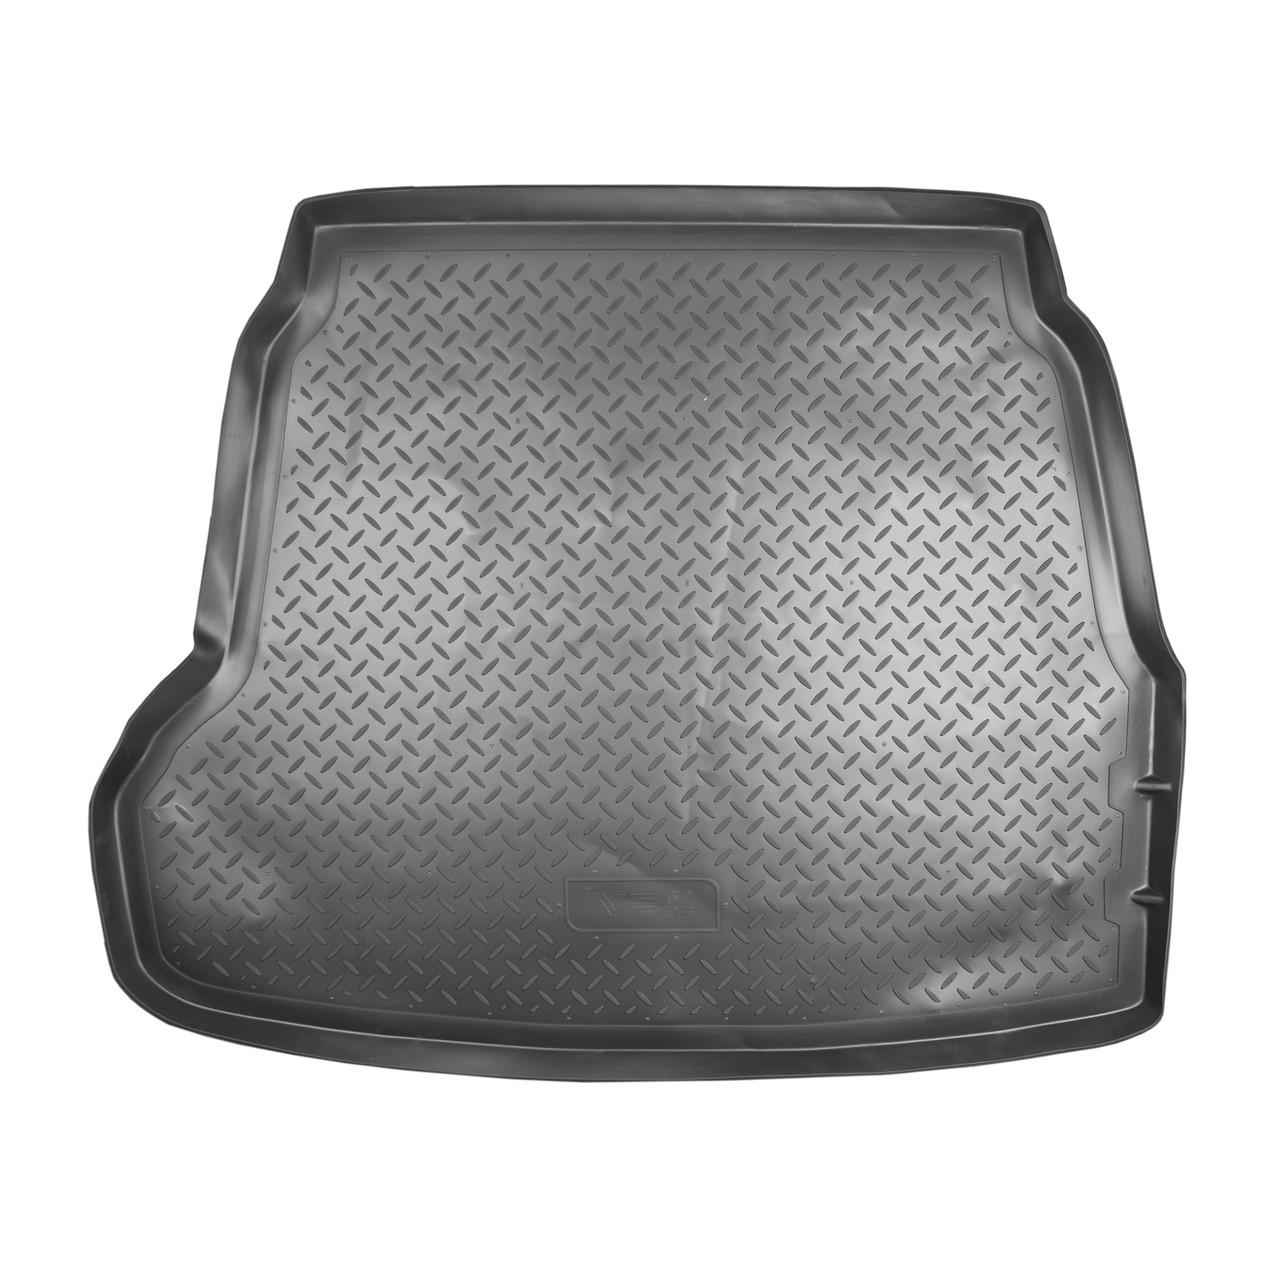 Коврик в багажник Hyundai Sonata NF седан (2005-2010)